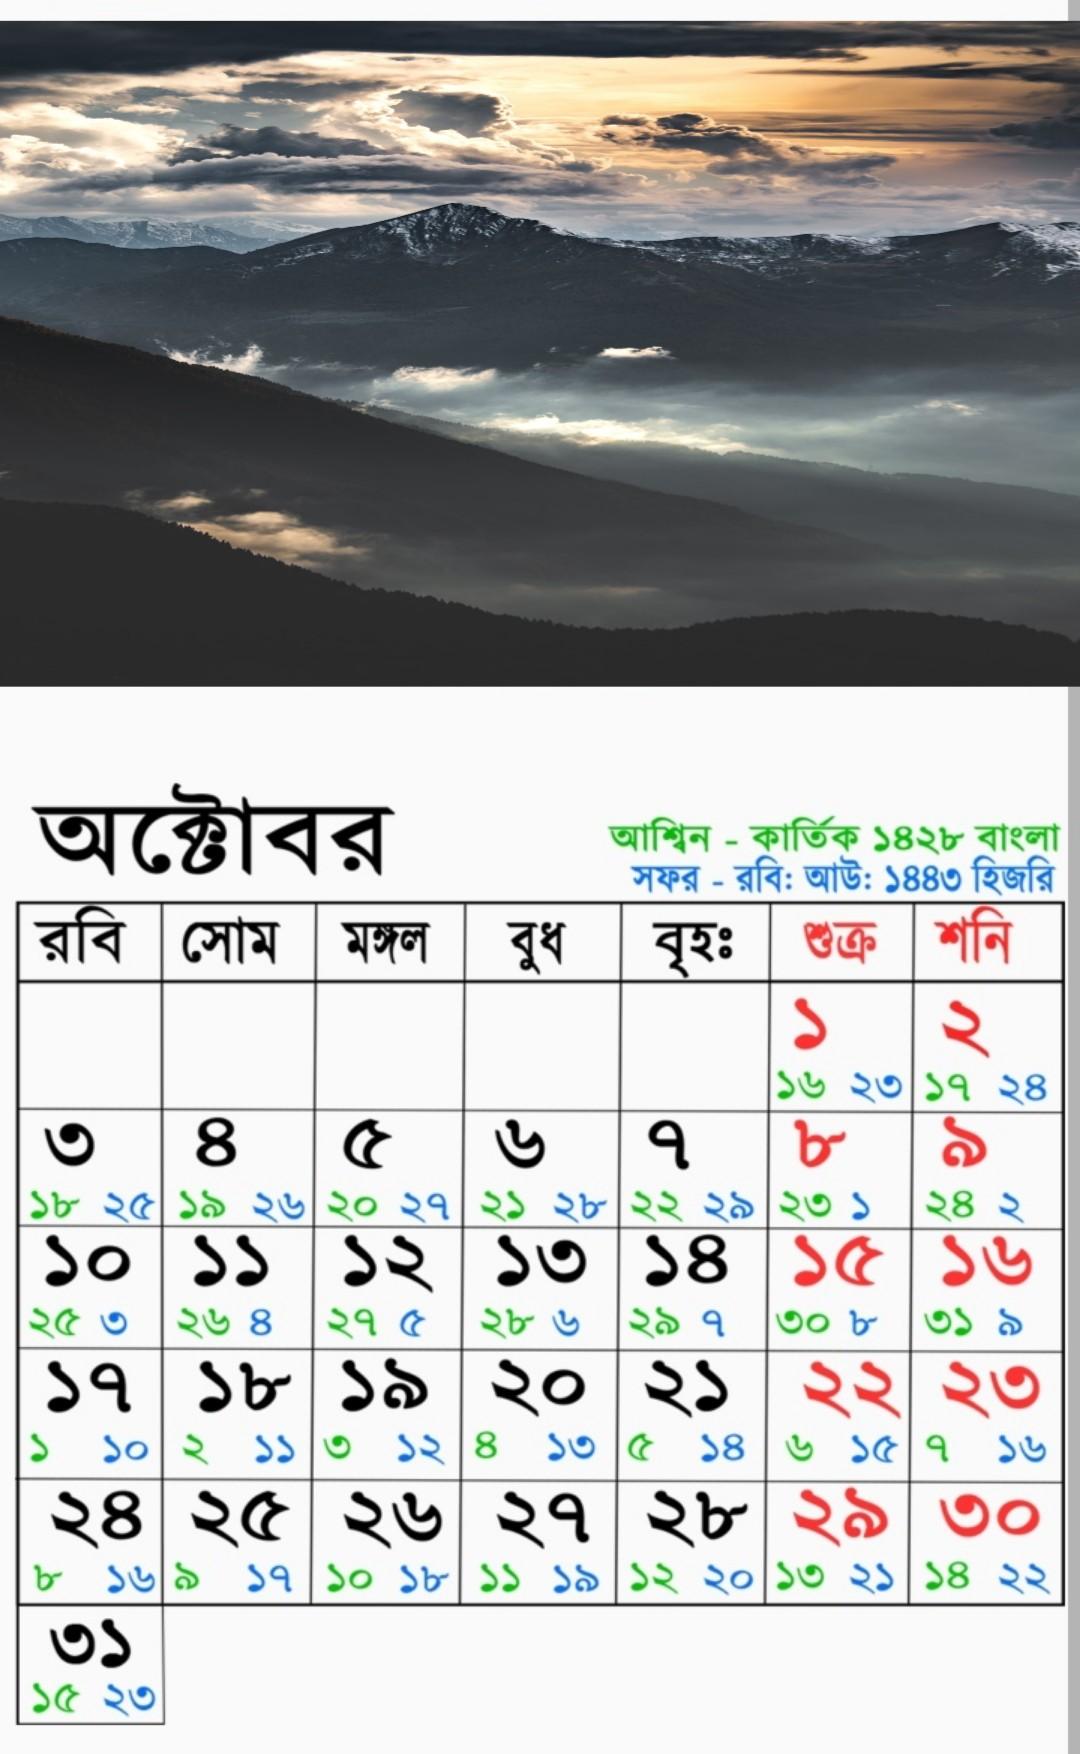 October Bangla English Arabi Calendar 2021 | অক্টোবর বাংলা ইংরেজি আরবি ক্যালেন্ডার ২০২১